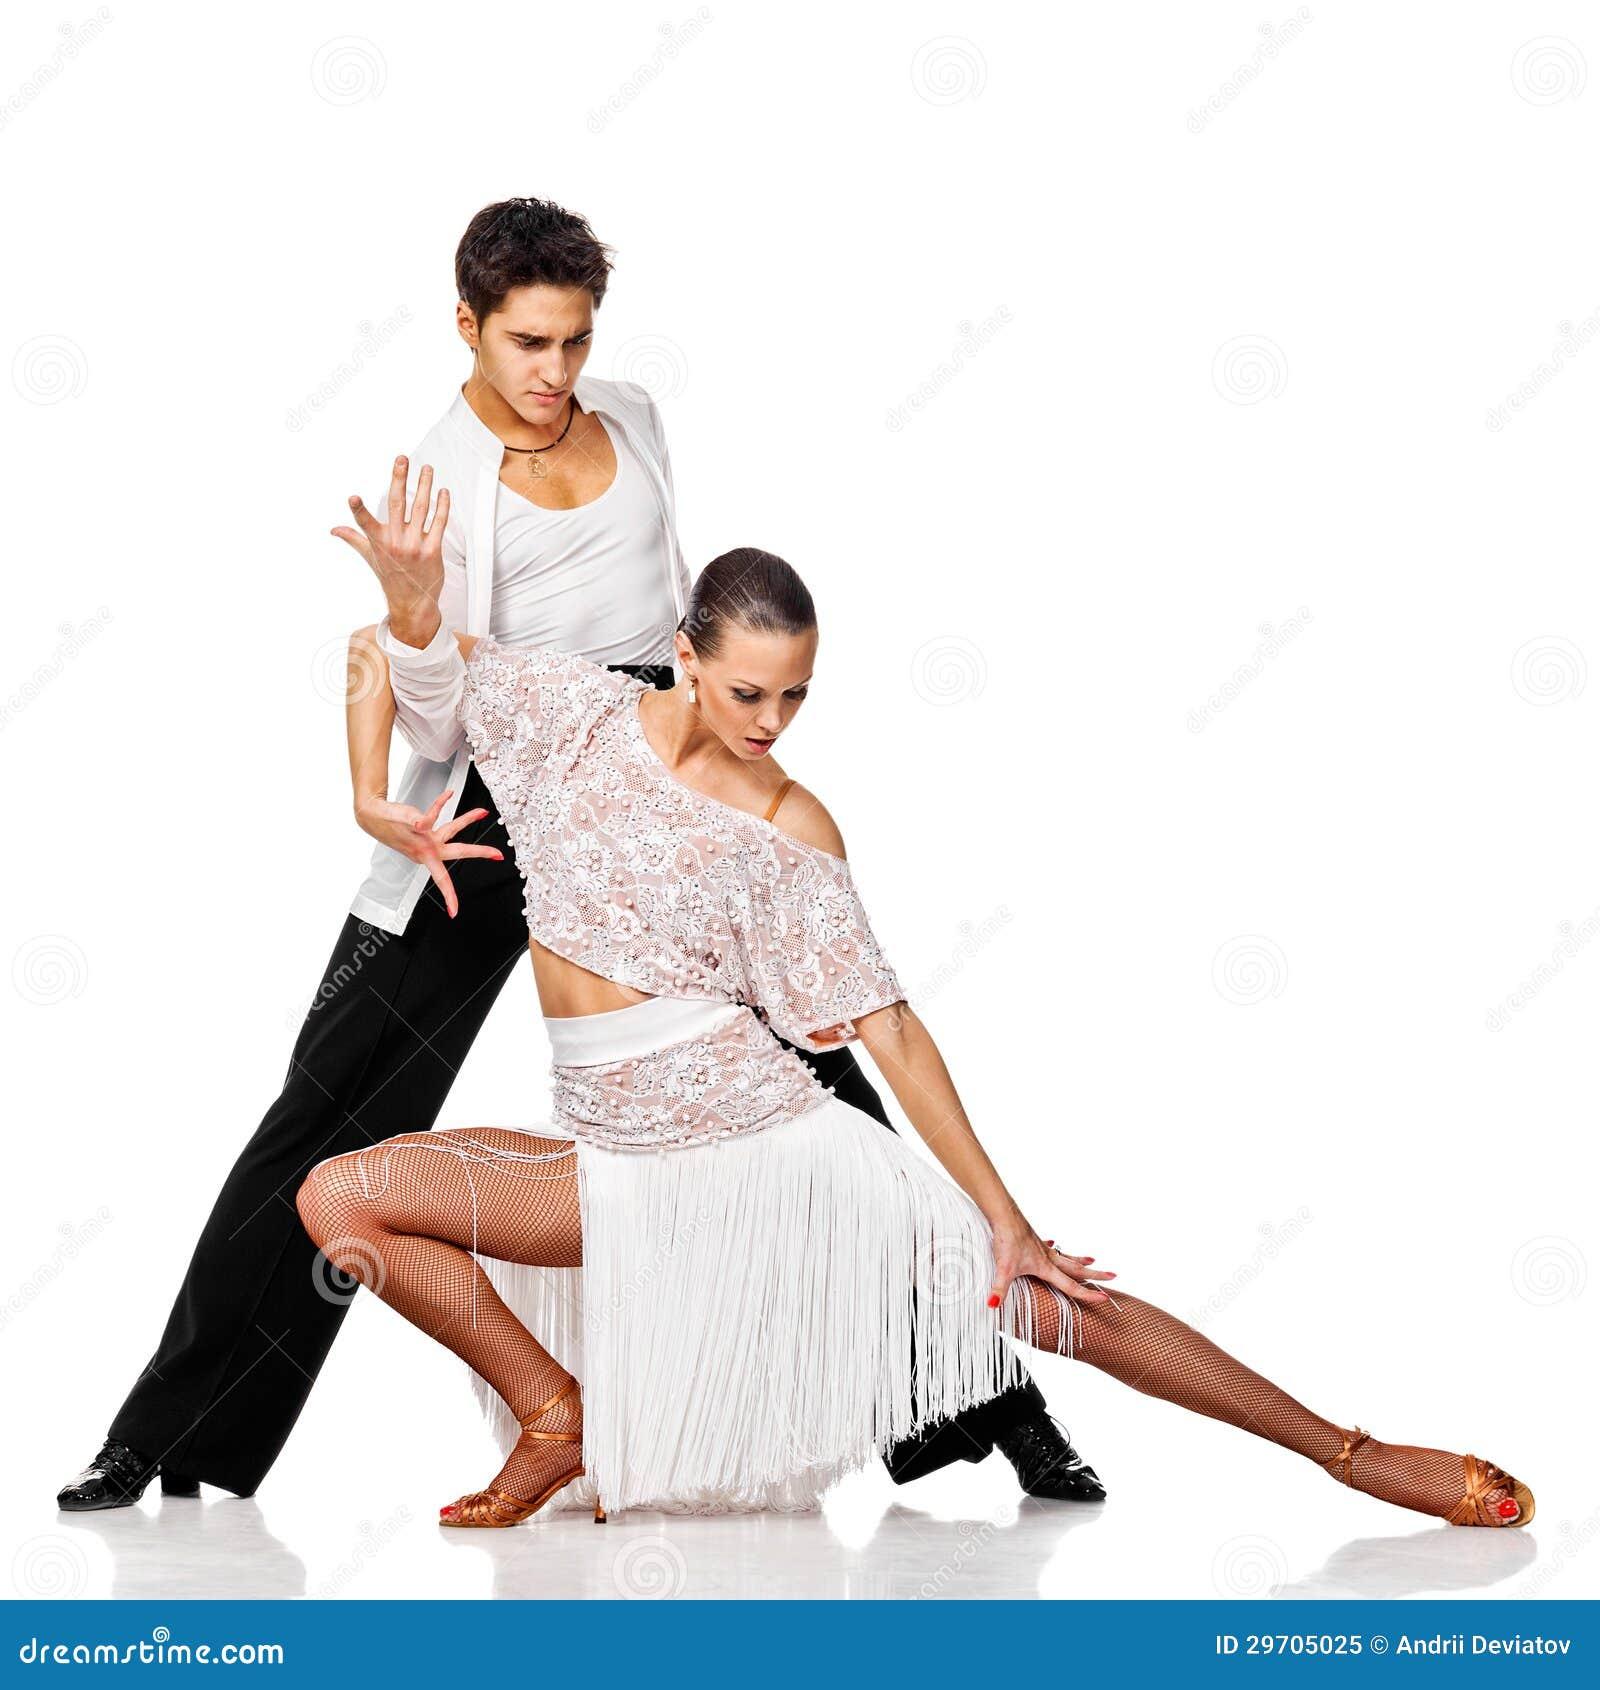 肉欲的夫妇跳舞辣调味汁。 行动的拉丁美州的舞蹈家。 隔绝